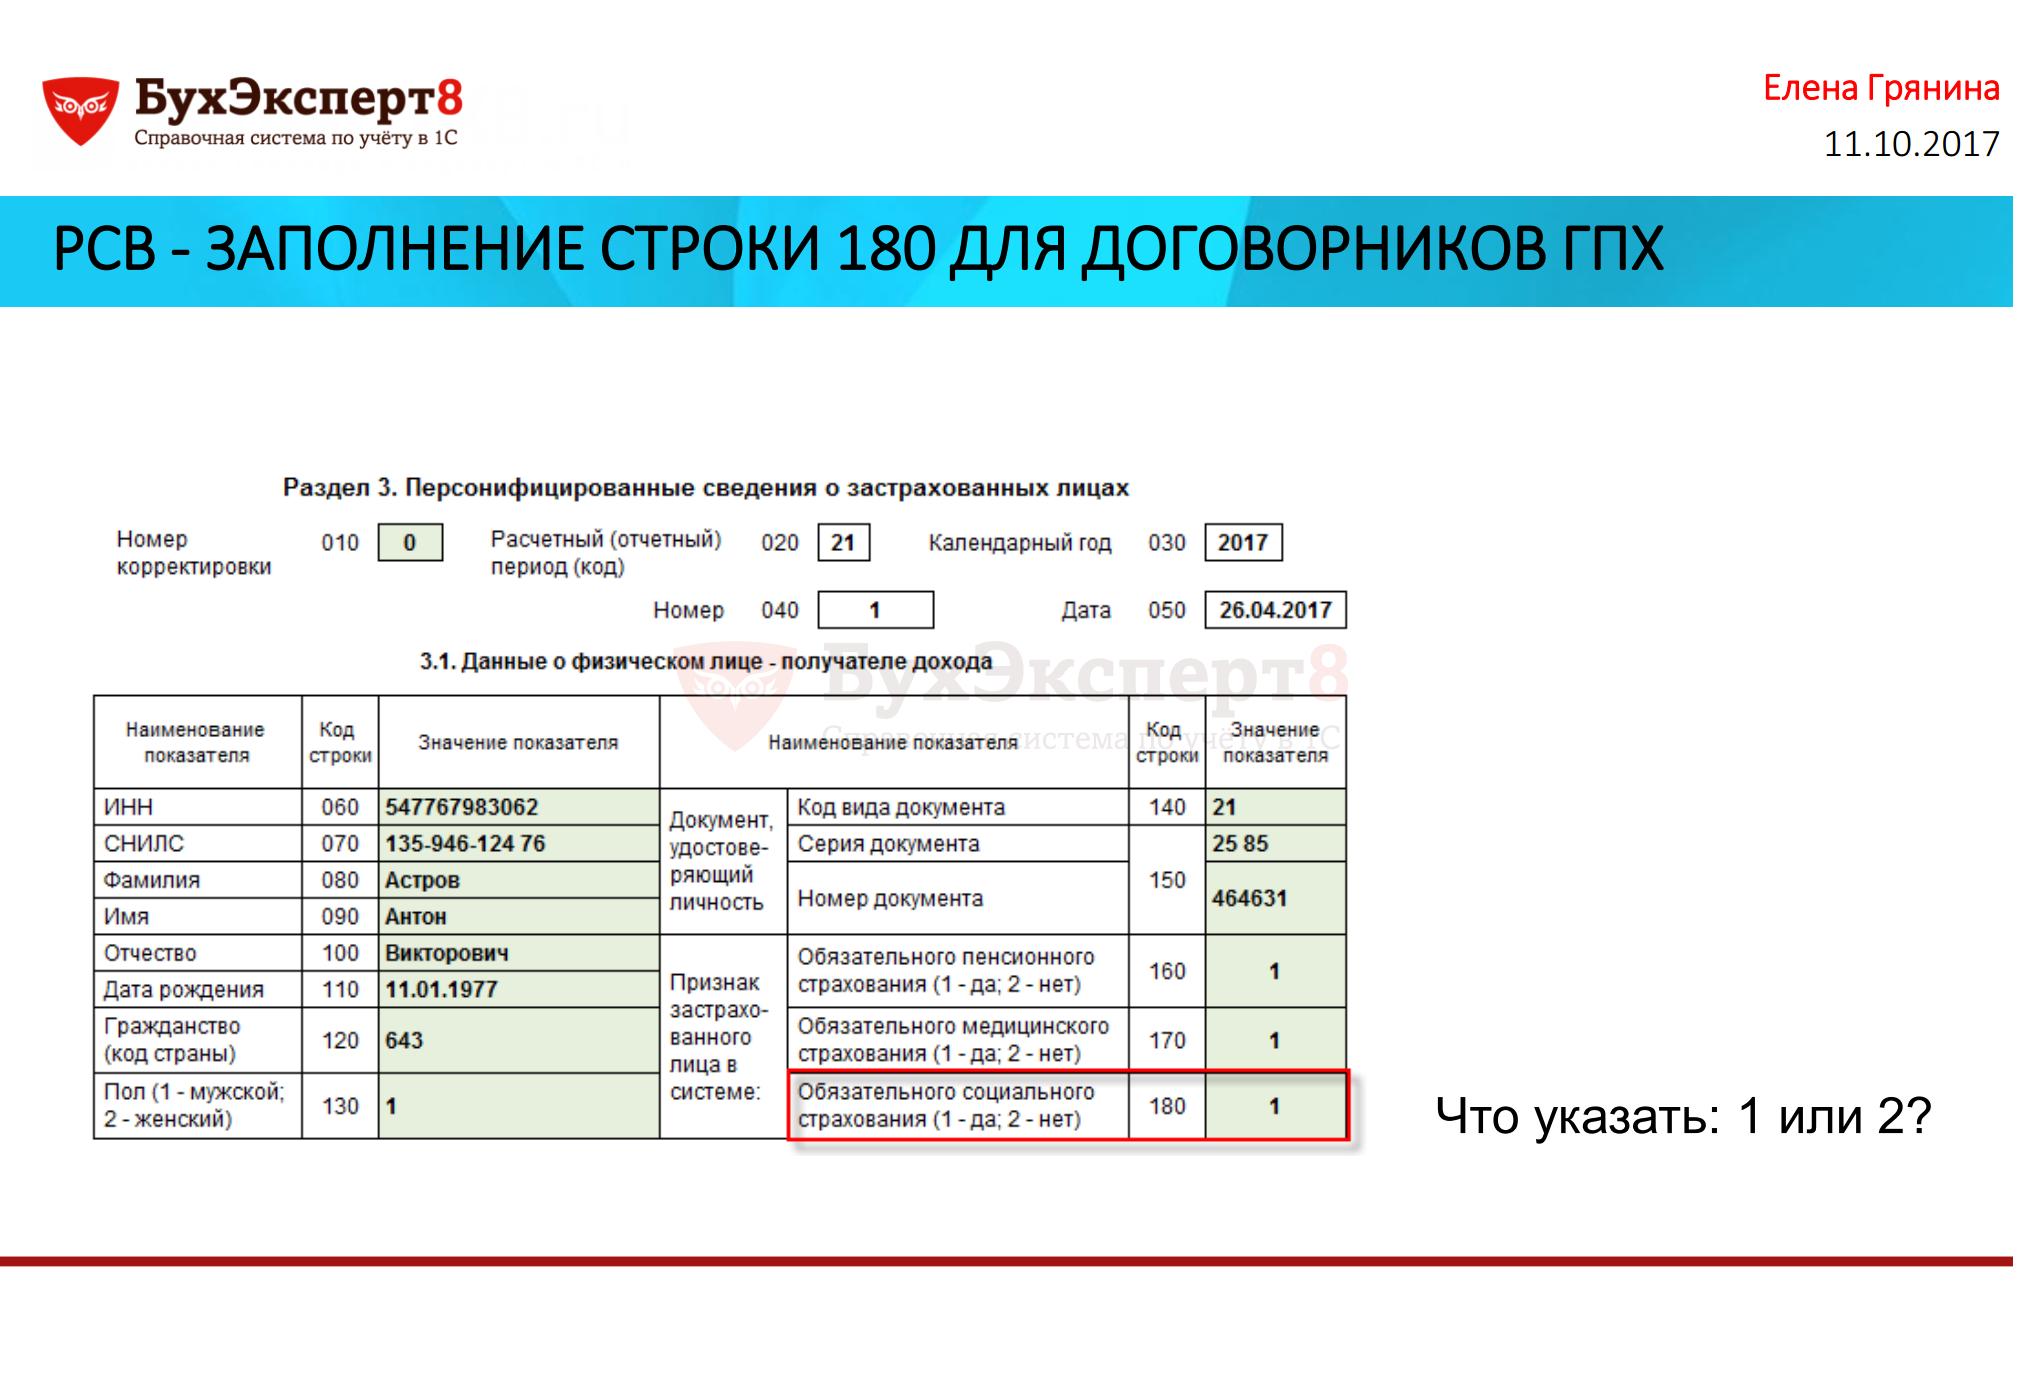 Рсв-1 показываем договорники